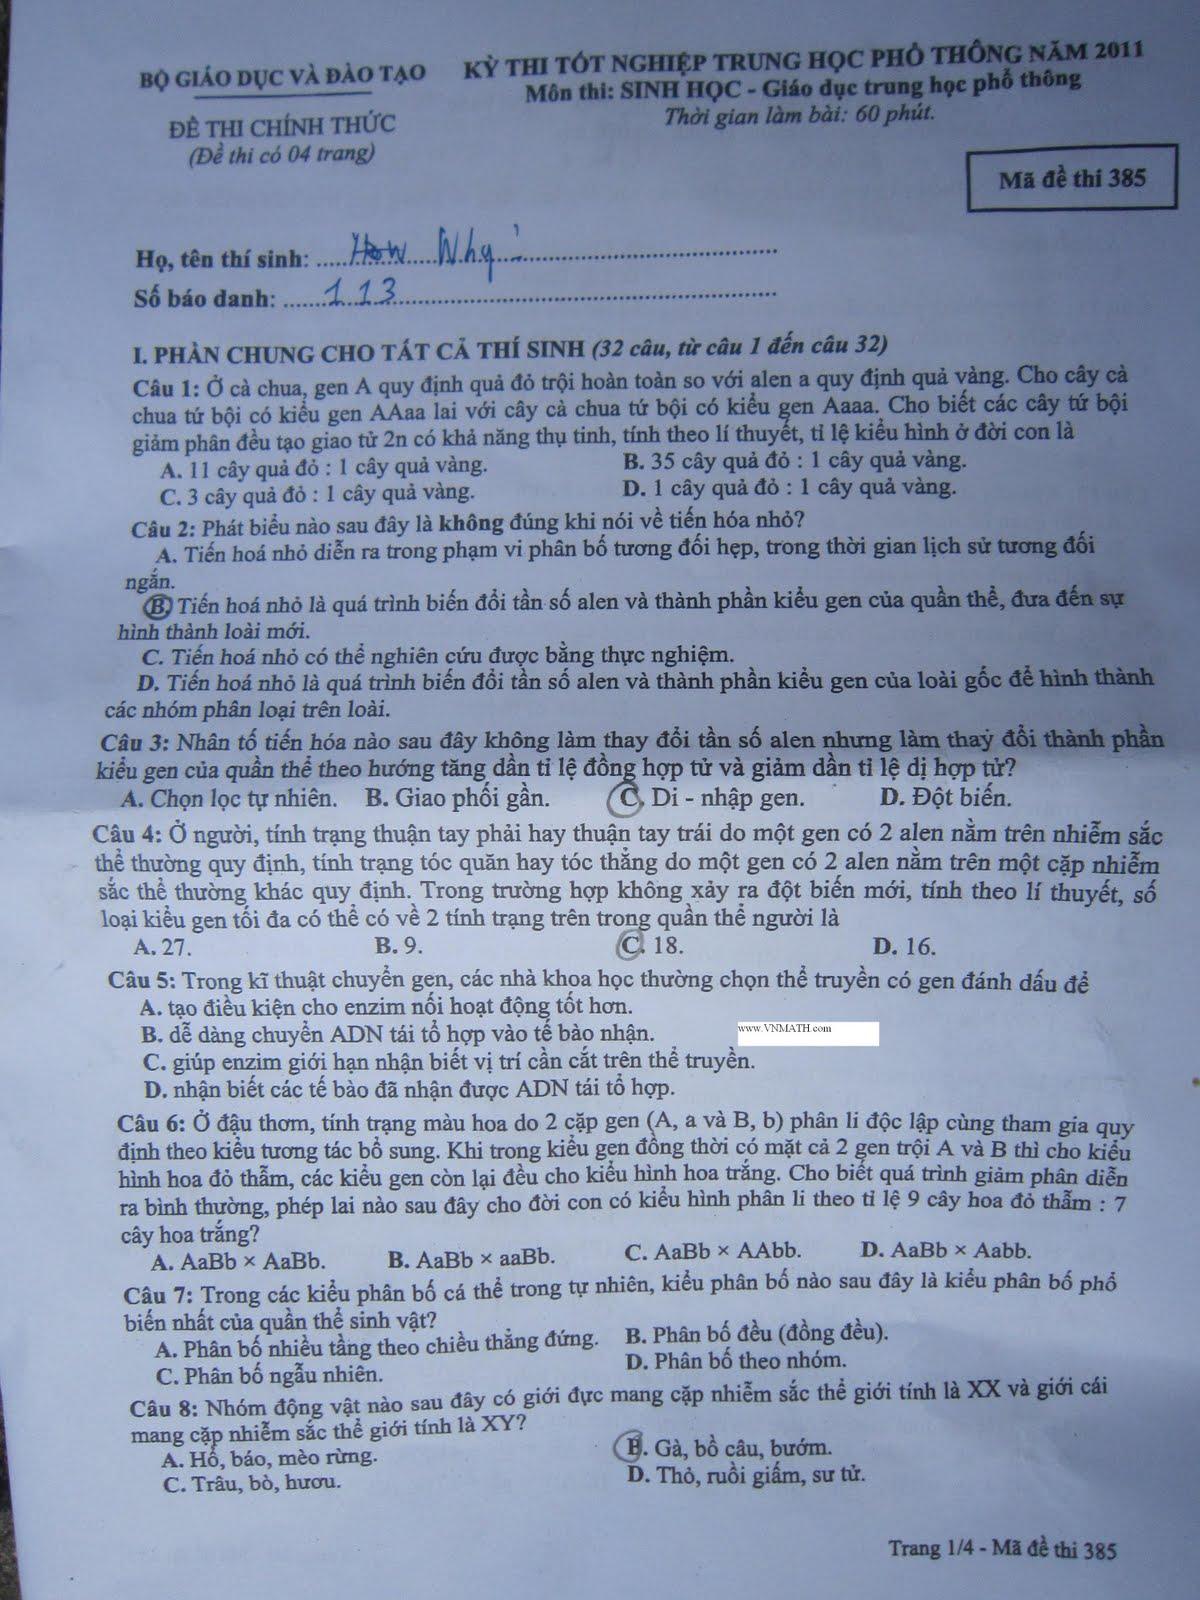 Đáp án tốt nghiệp thpt 2011 môn sinh – Mã 385